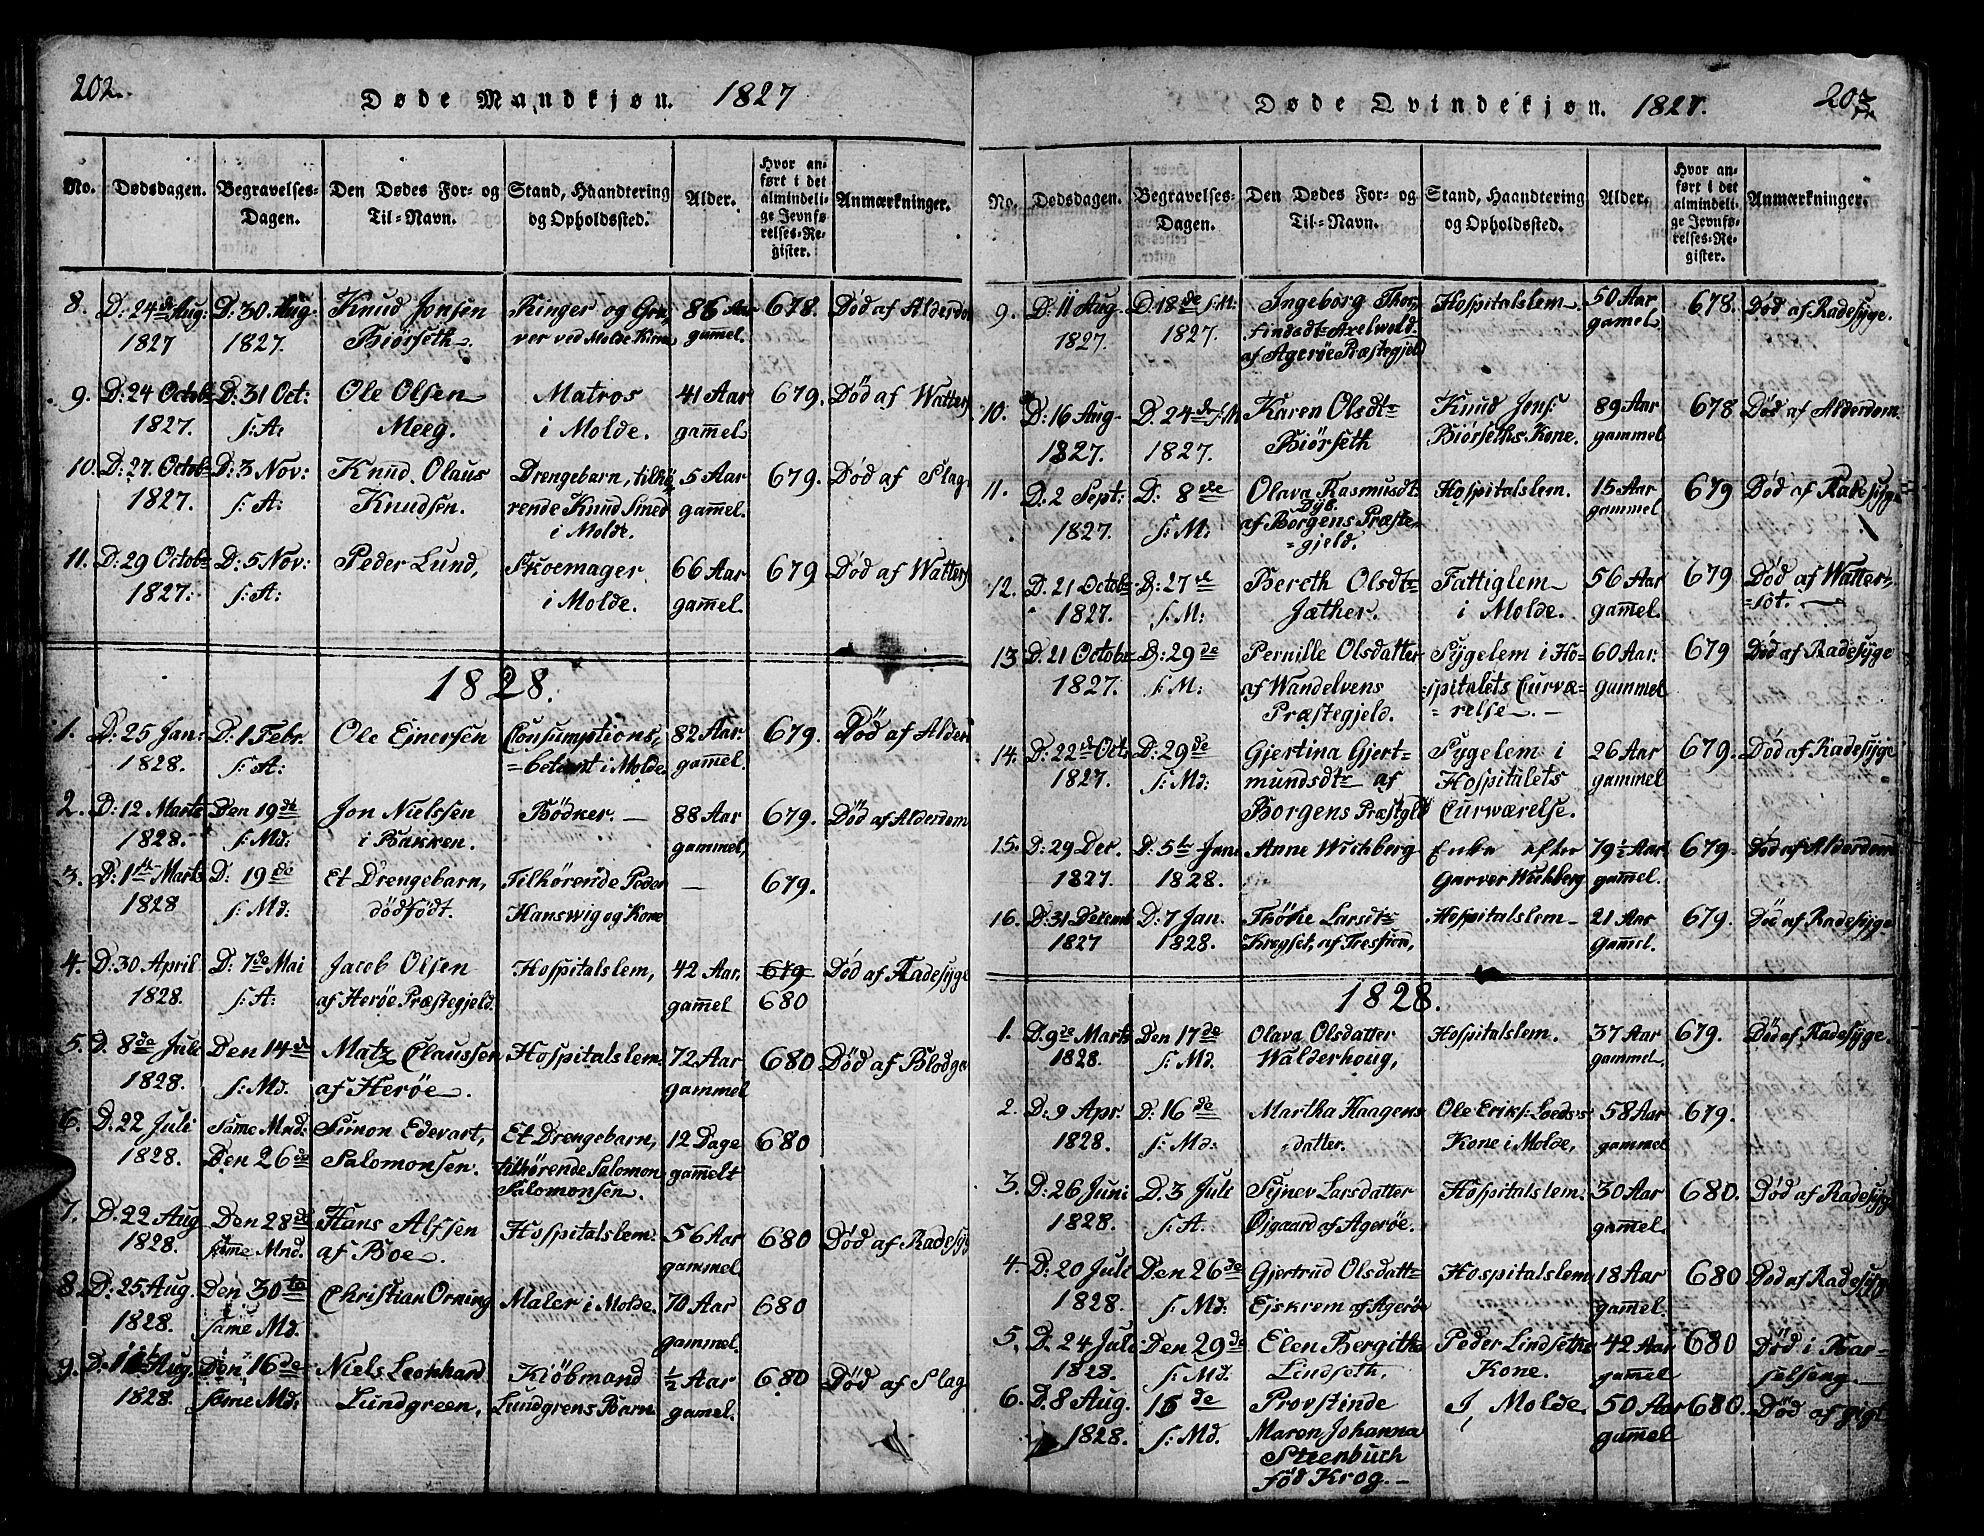 SAT, Ministerialprotokoller, klokkerbøker og fødselsregistre - Møre og Romsdal, 558/L0700: Parish register (copy) no. 558C01, 1818-1868, p. 202-203